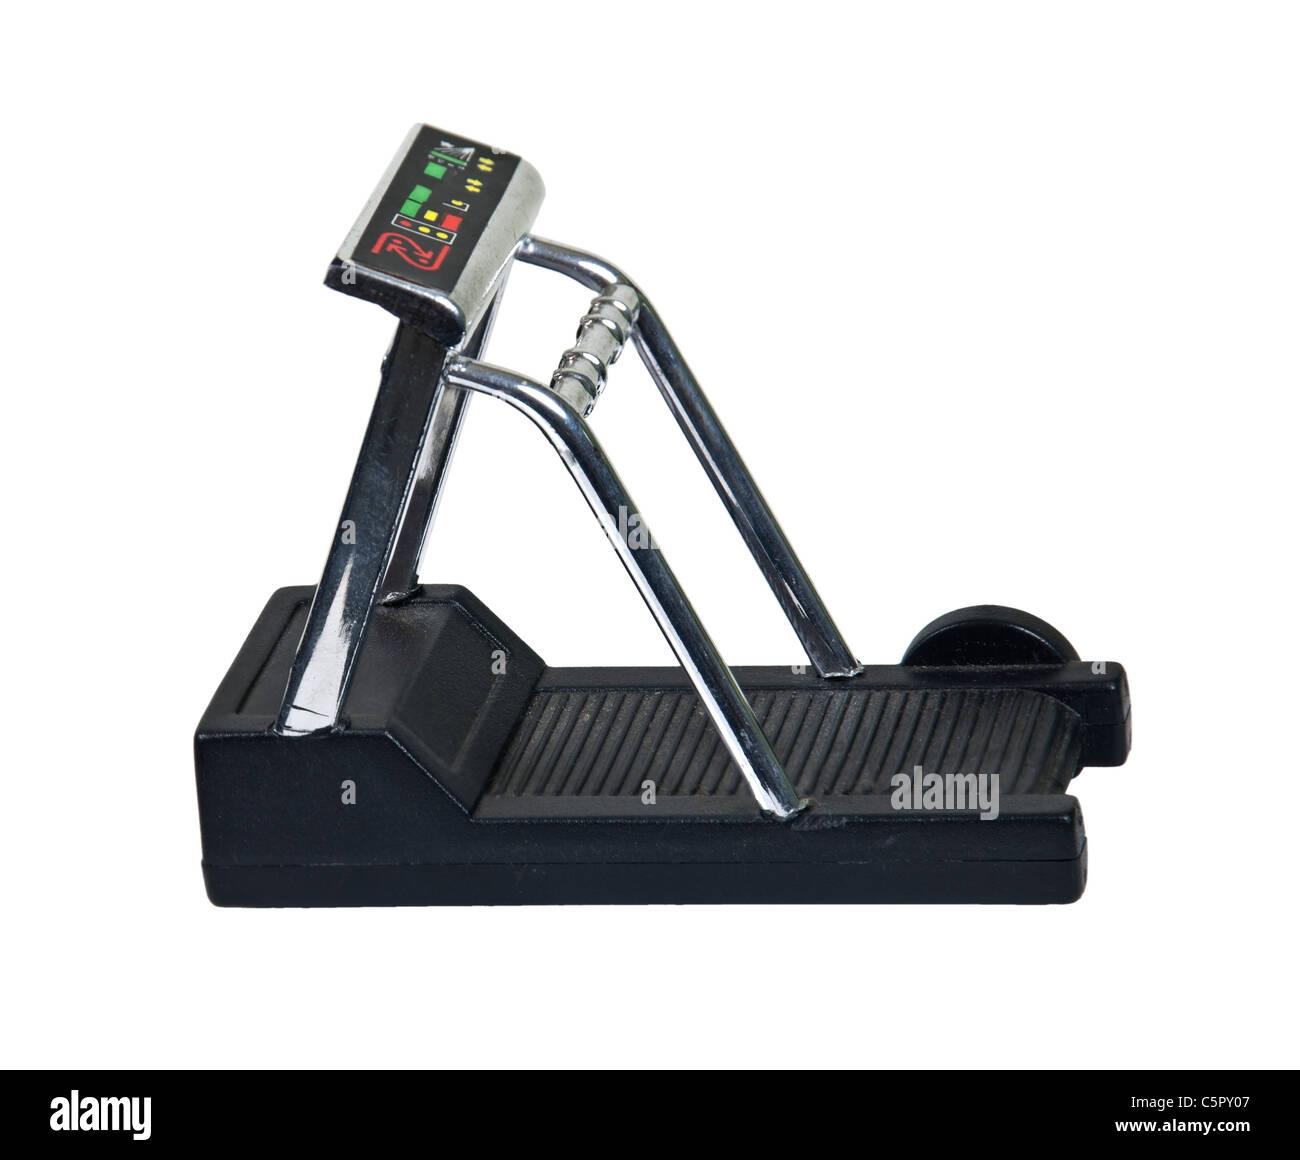 Ejercicio caminadora usada para un cómodo interior para la salud caminar fitness - Ruta incluida Imagen De Stock